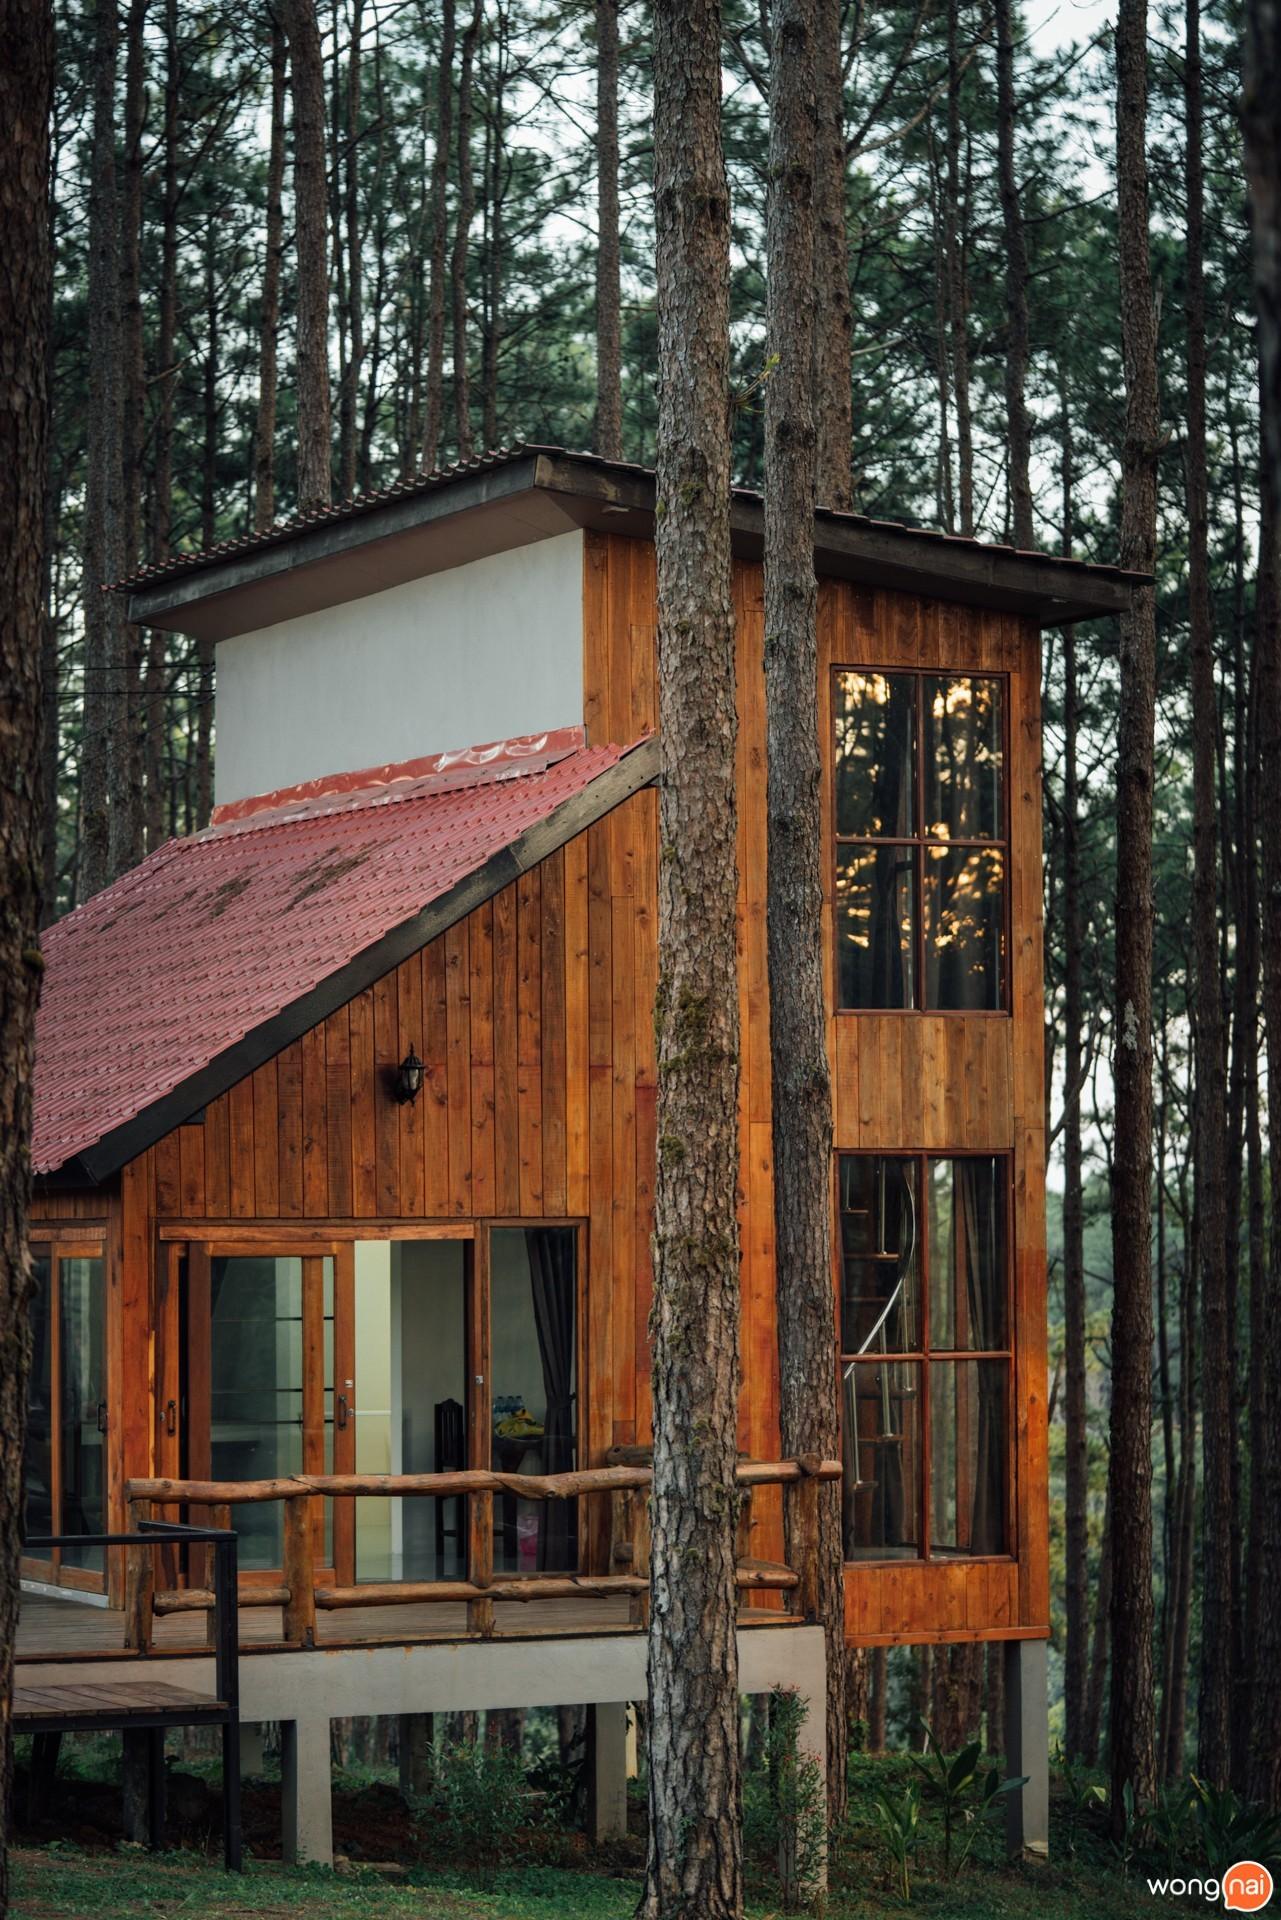 เที่ยวเชียงใหม่ , ที่เที่ยวเชียงใหม่ , อุทยานแห่งชาติออบหลวง , สวนสนบ่อแก้ว , สวนป่าดอยบ่อหลวง, เที่ยวป่าสนเชียงใหม่